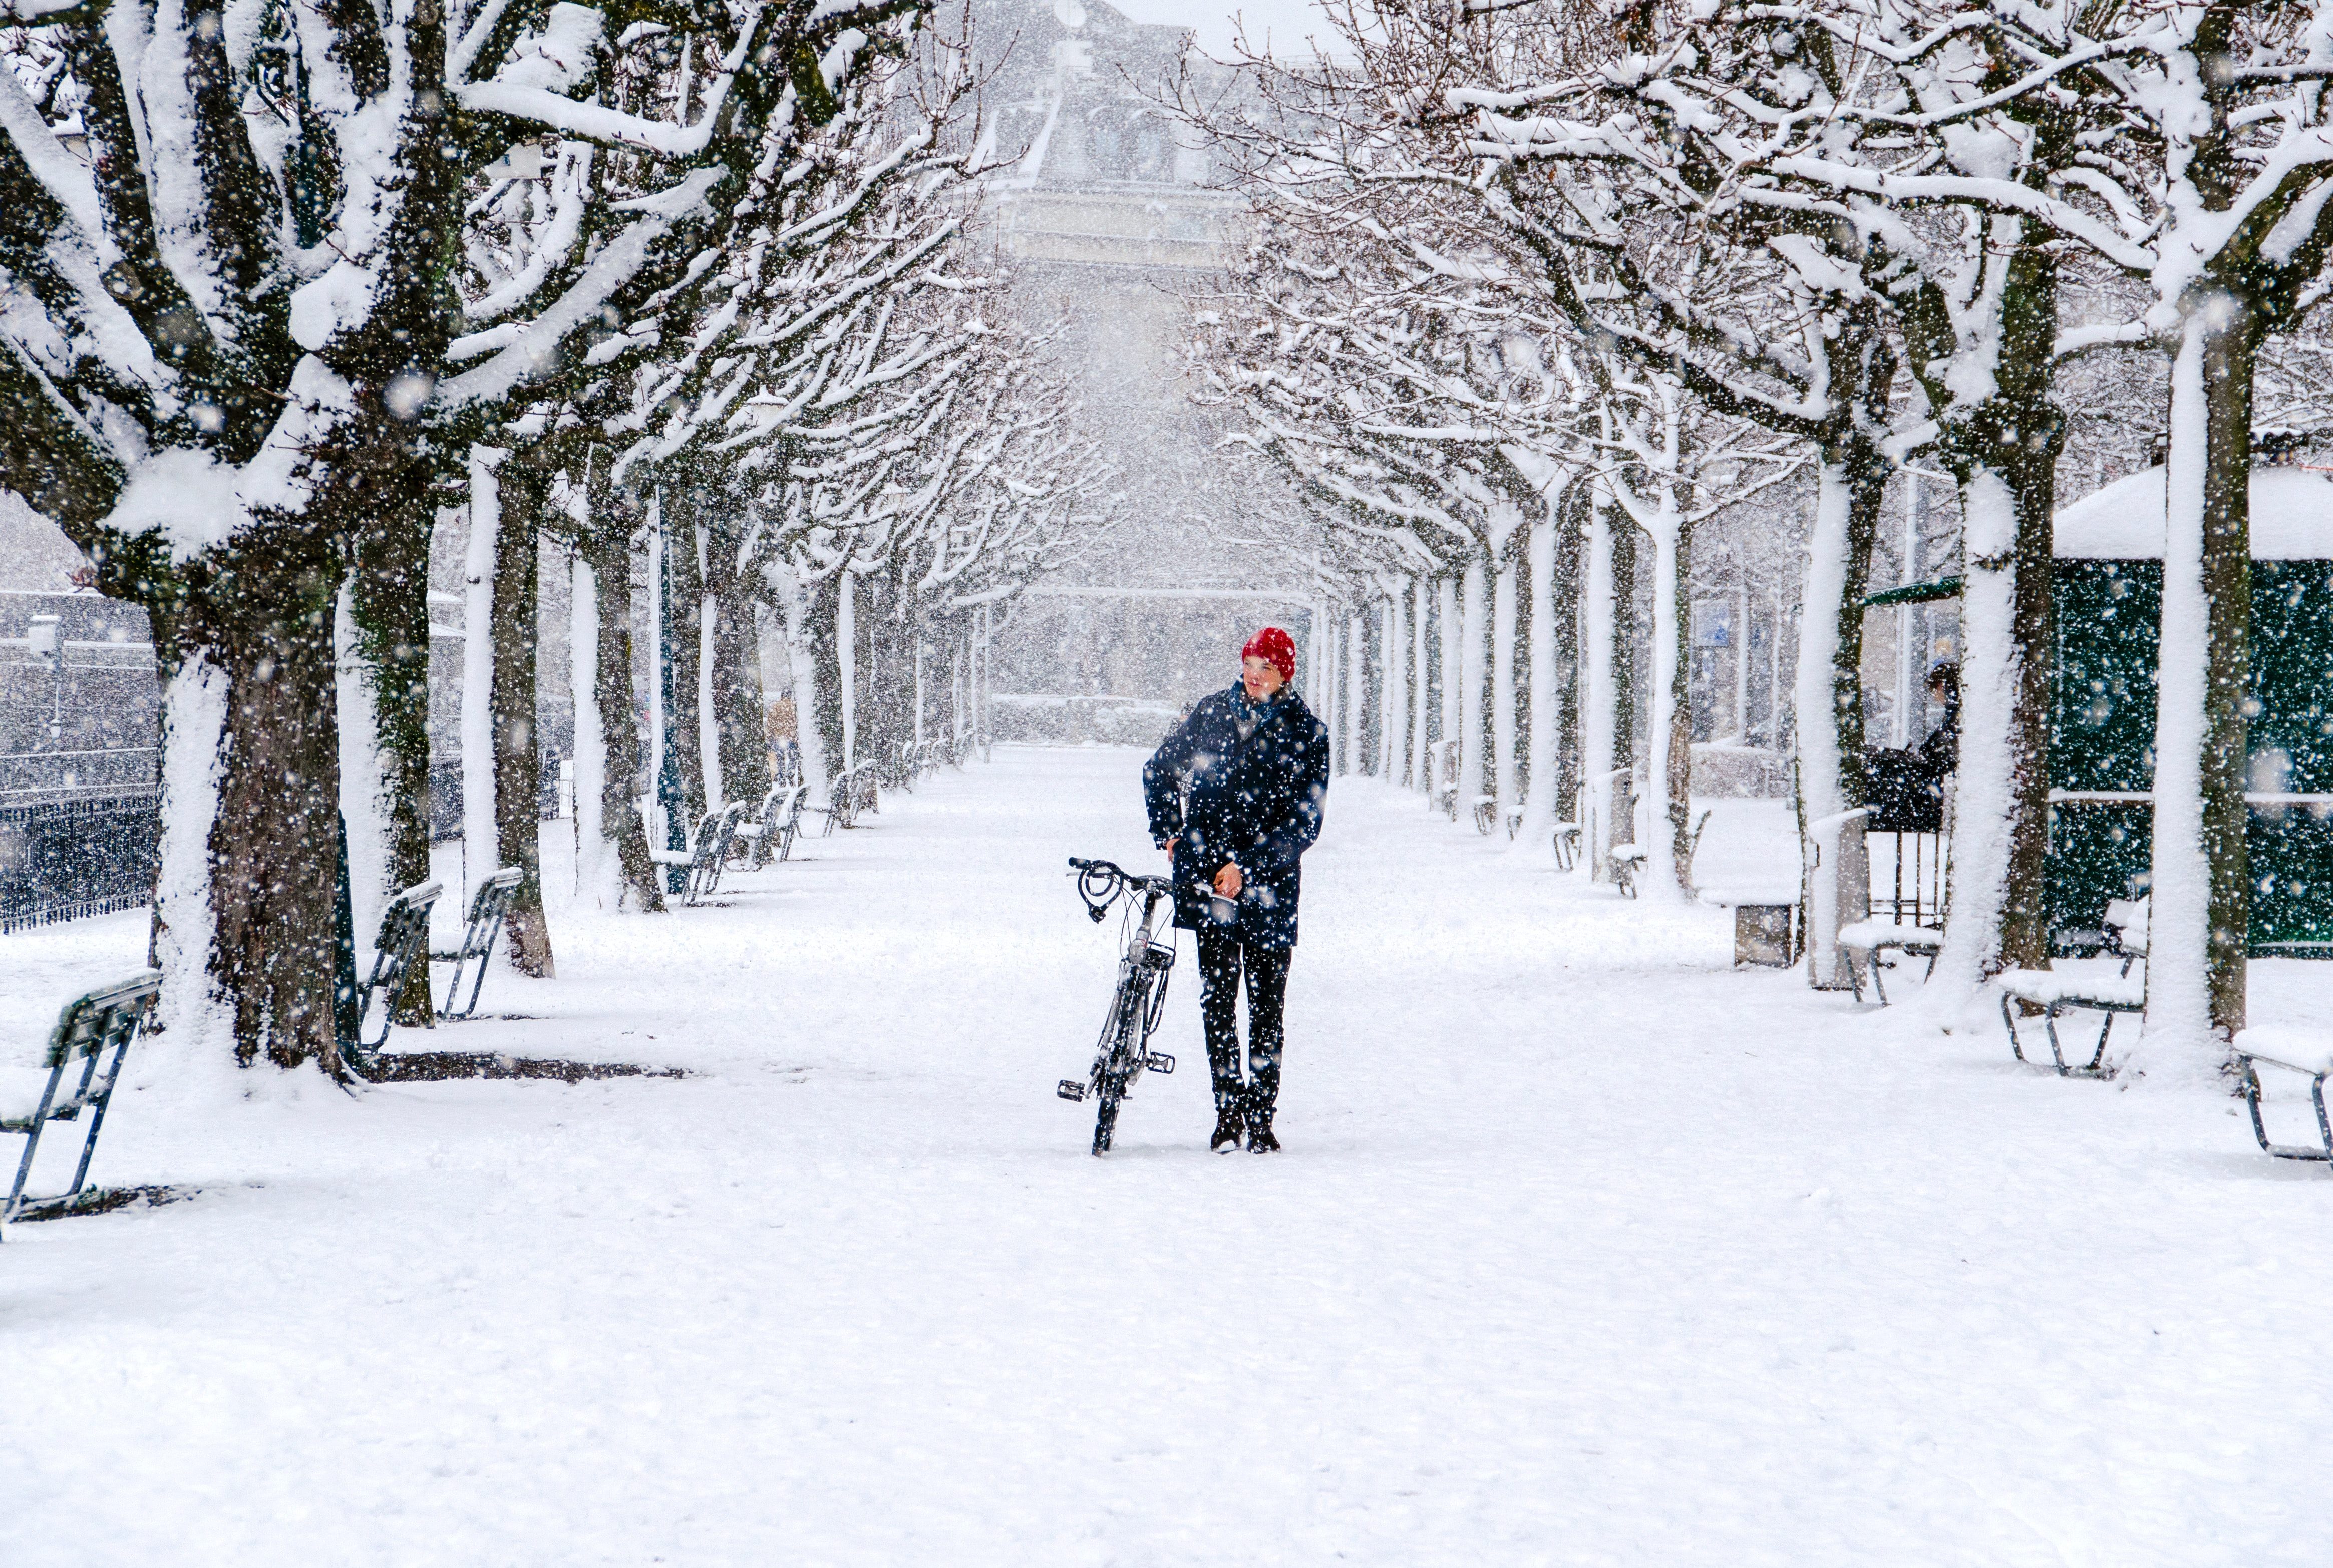 Zima, śnieg, mróz? Nie porzucaj roweru, jazda w takich warunkach może przynosić frajdę